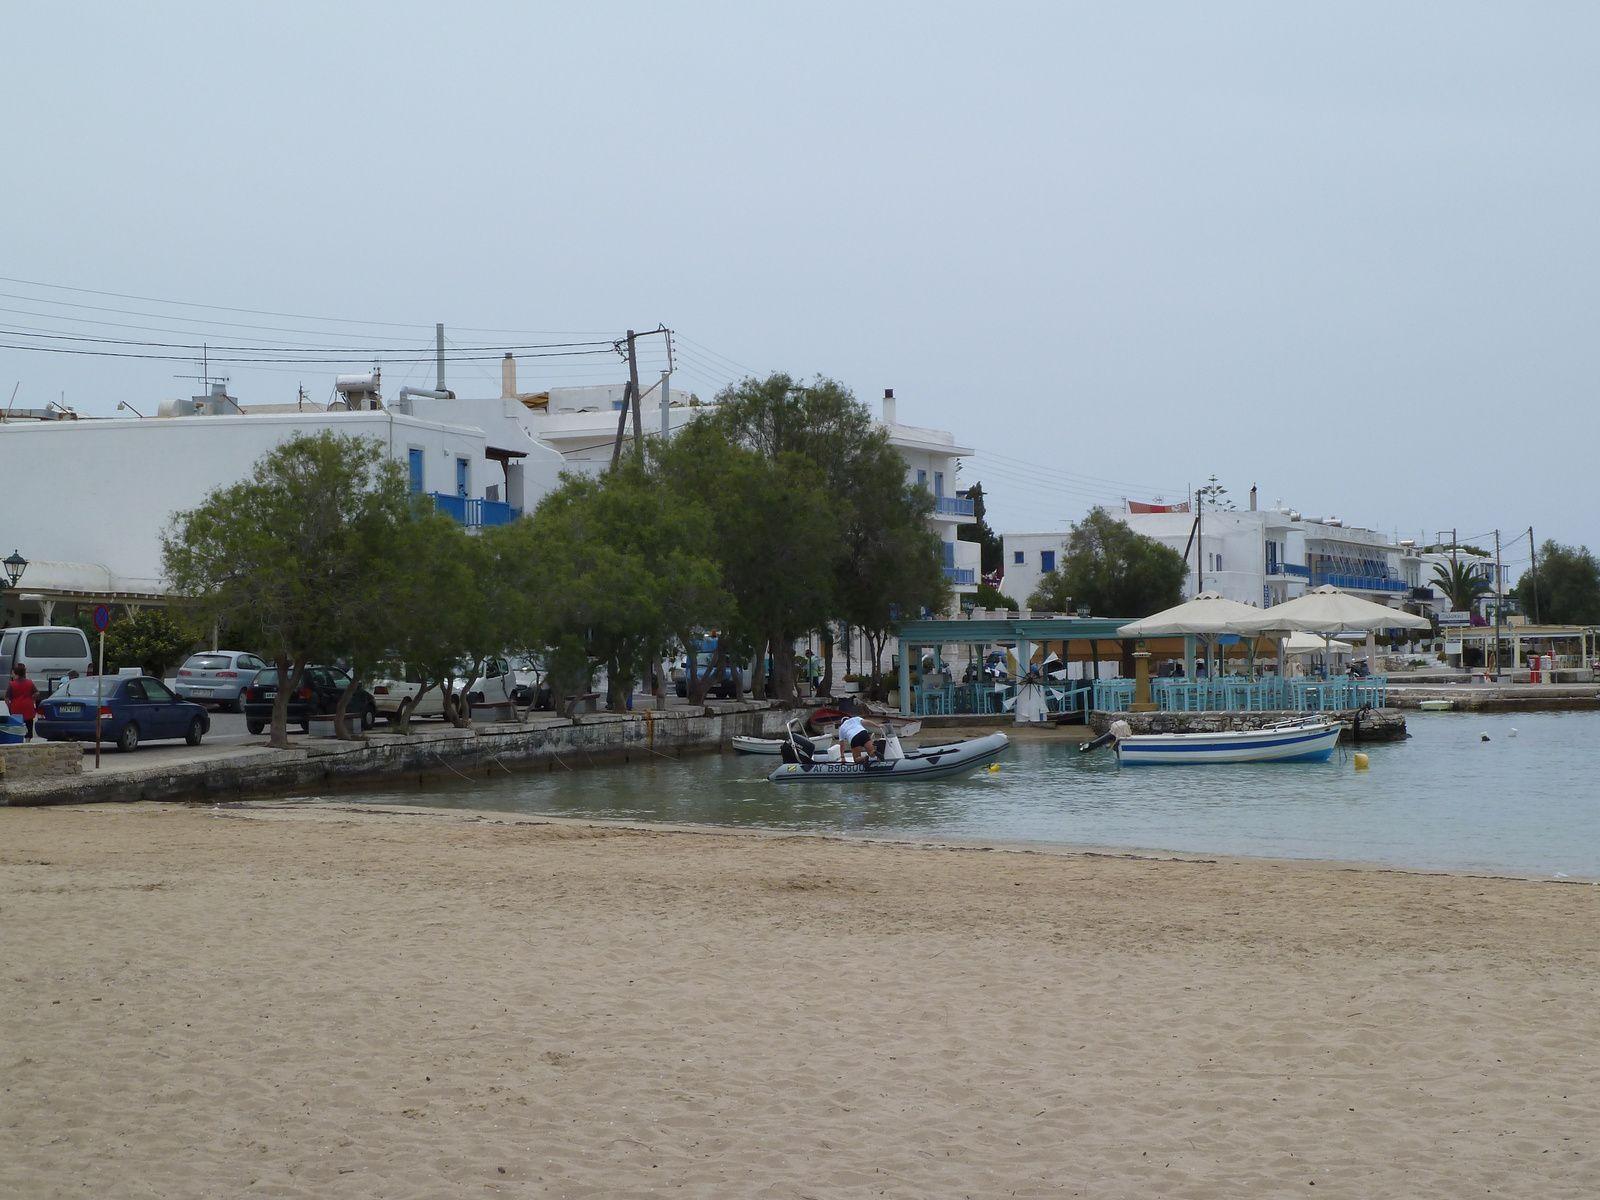 Petit port de pêche au sud de l'île situé dans une jolie baie, pas mal construit aussi...